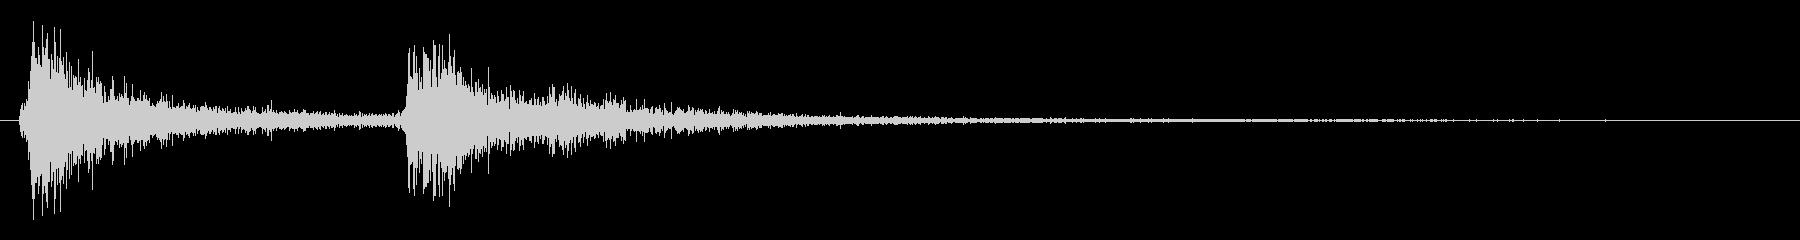 コテ(鍵をかけるときのような短い音)の未再生の波形